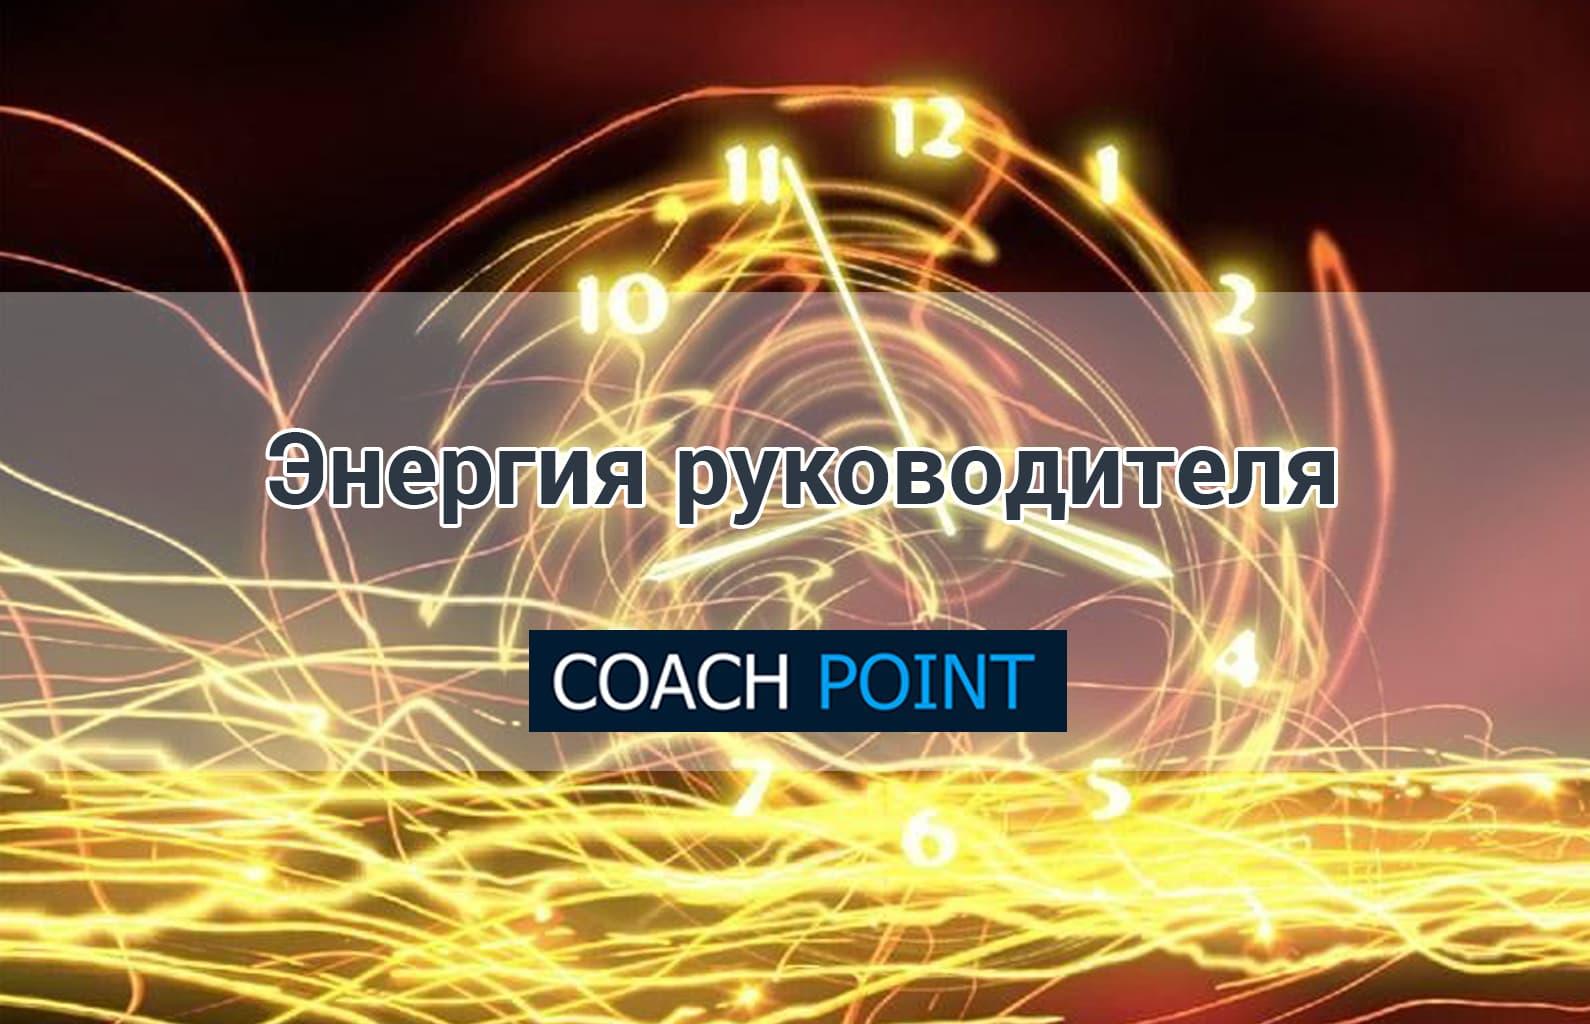 Тренинг энергия руководителя CoachPoint в Санкт-Петербурге